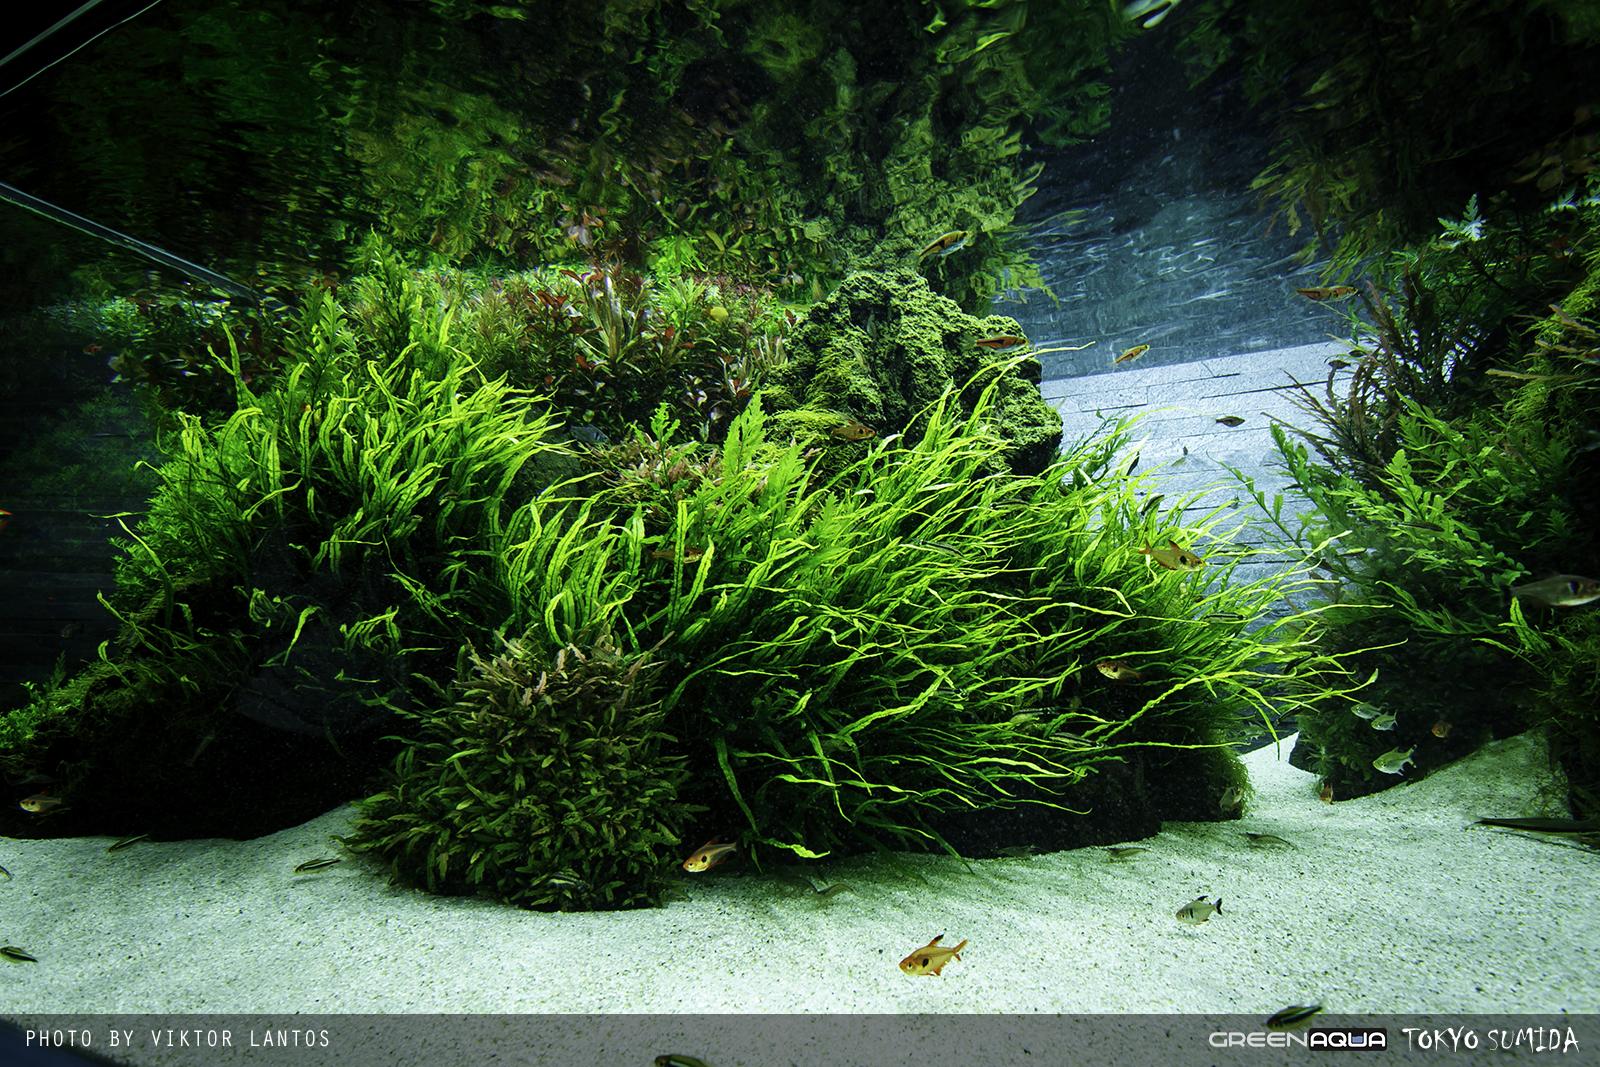 Dương xỉ lá kim trong một hồ thủy sinh phong cách Nature